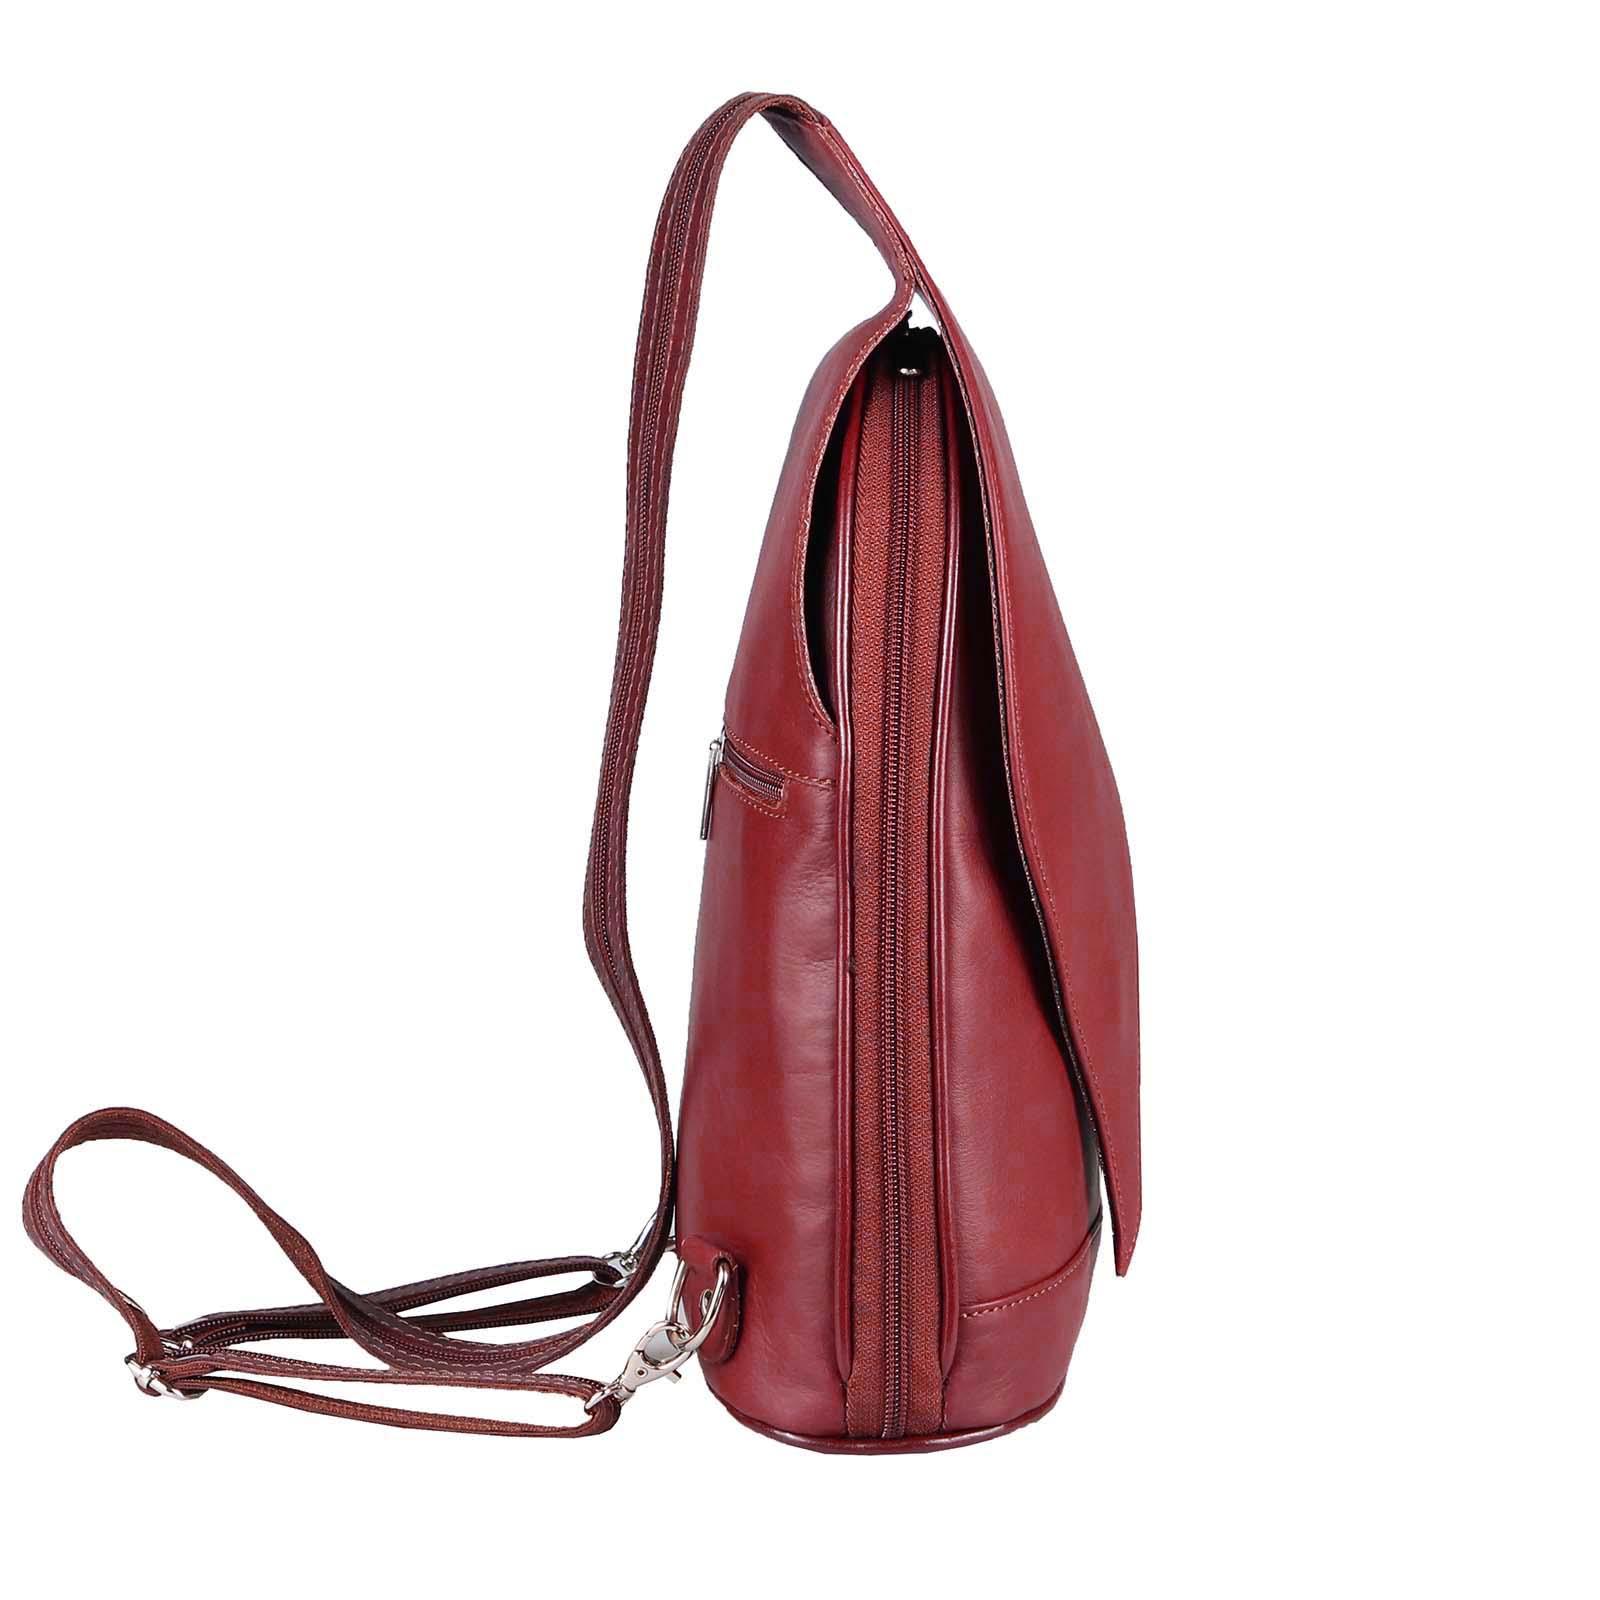 ITALY-DAMEN-LEDER-RUCKSACK-Schulter-Tasche-Reise-BACKPACK-Lederrucksack-it-BAG Indexbild 82